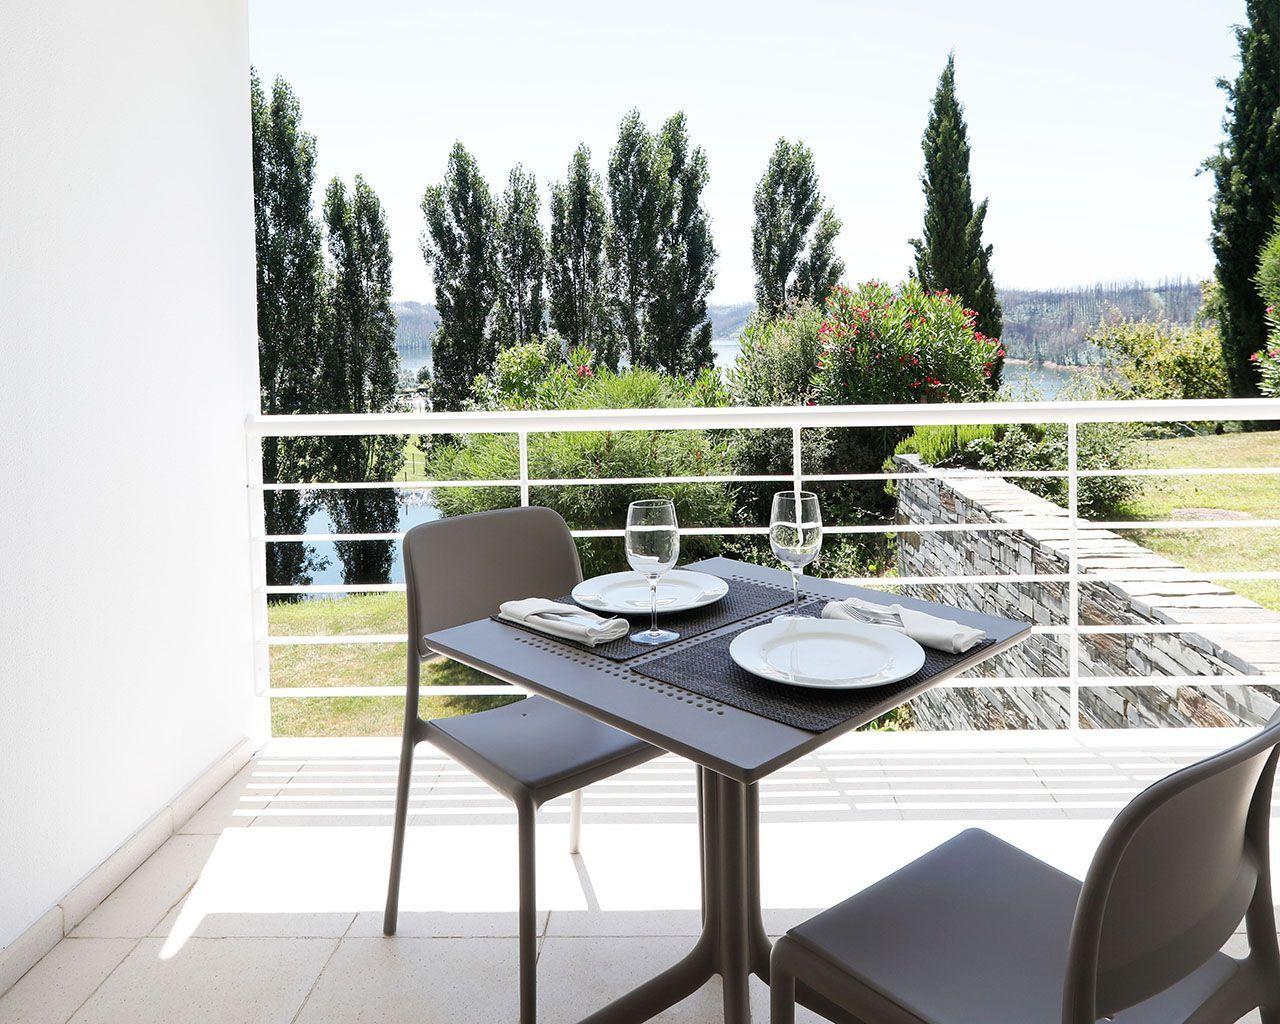 Varanda - Apartamento T1 Premium